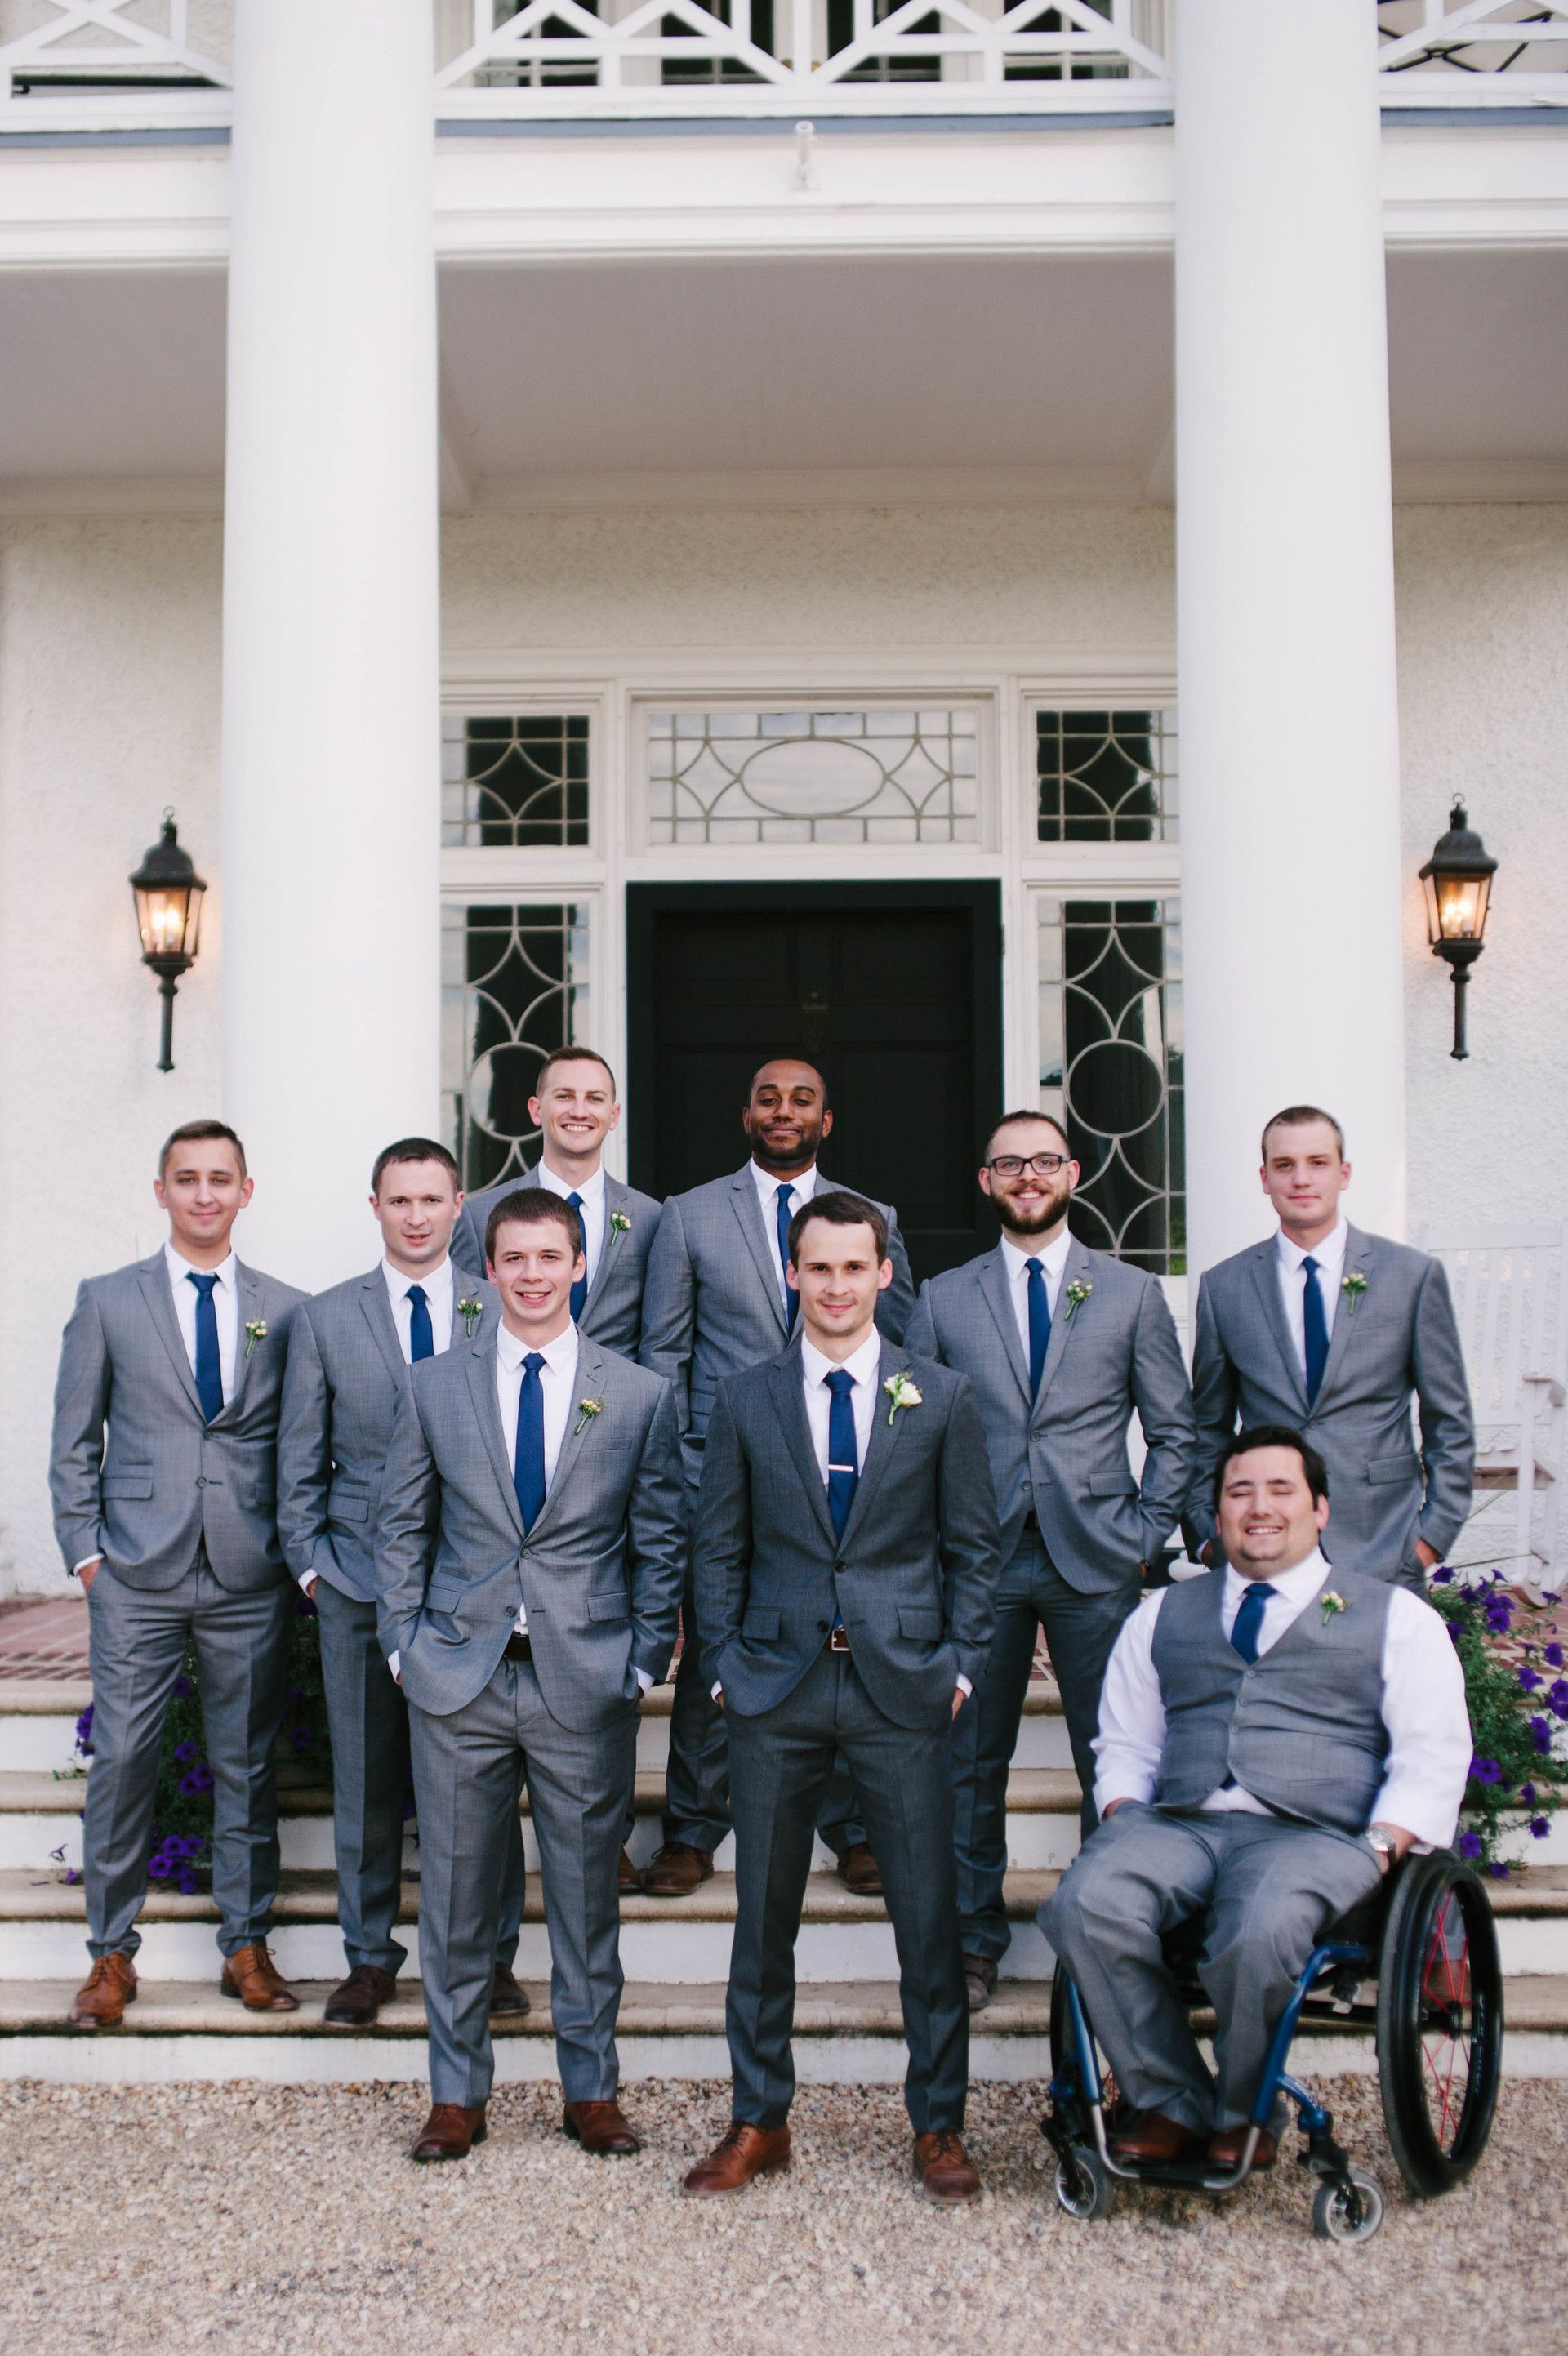 13 Ways to Spoil Your Groomsmen | Gray groomsmen suits, Gray ...